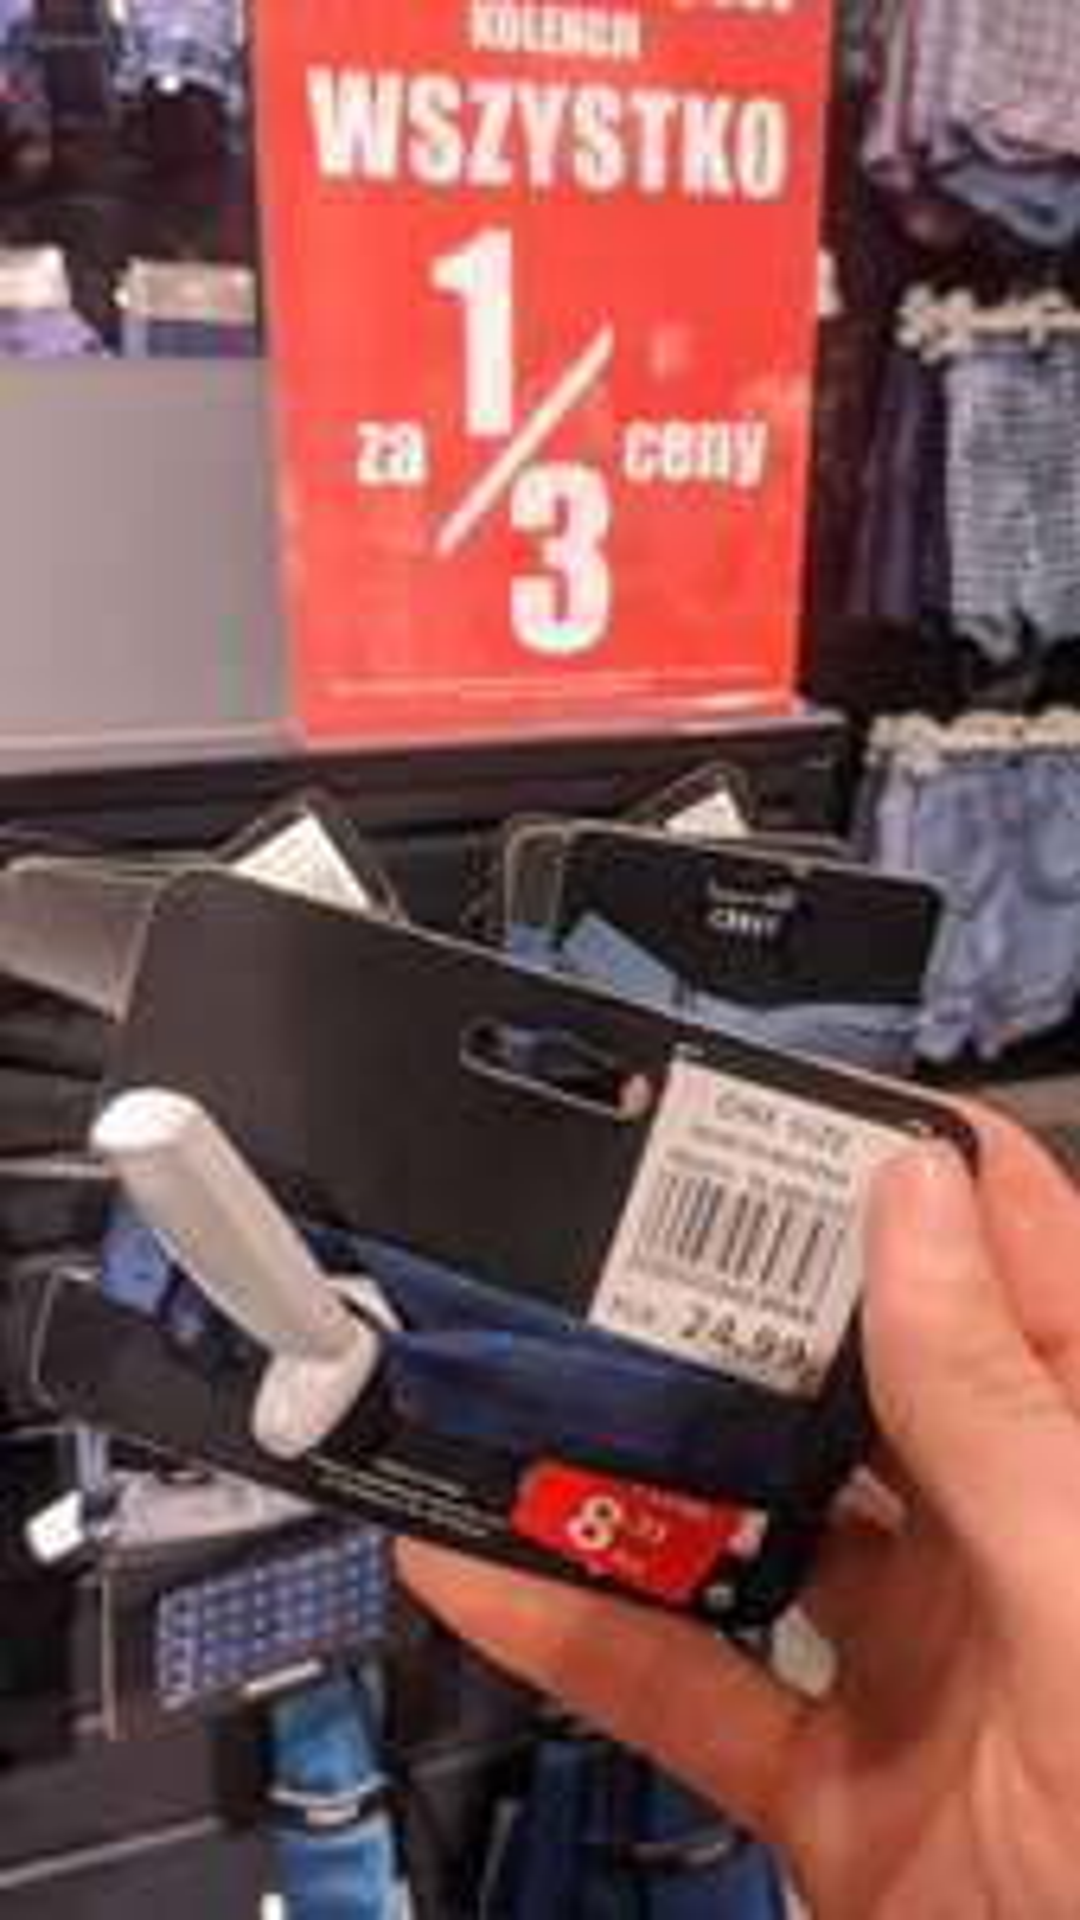 Carry likwidacja kolekcji akcesoria za 1/3 ceny np muszka